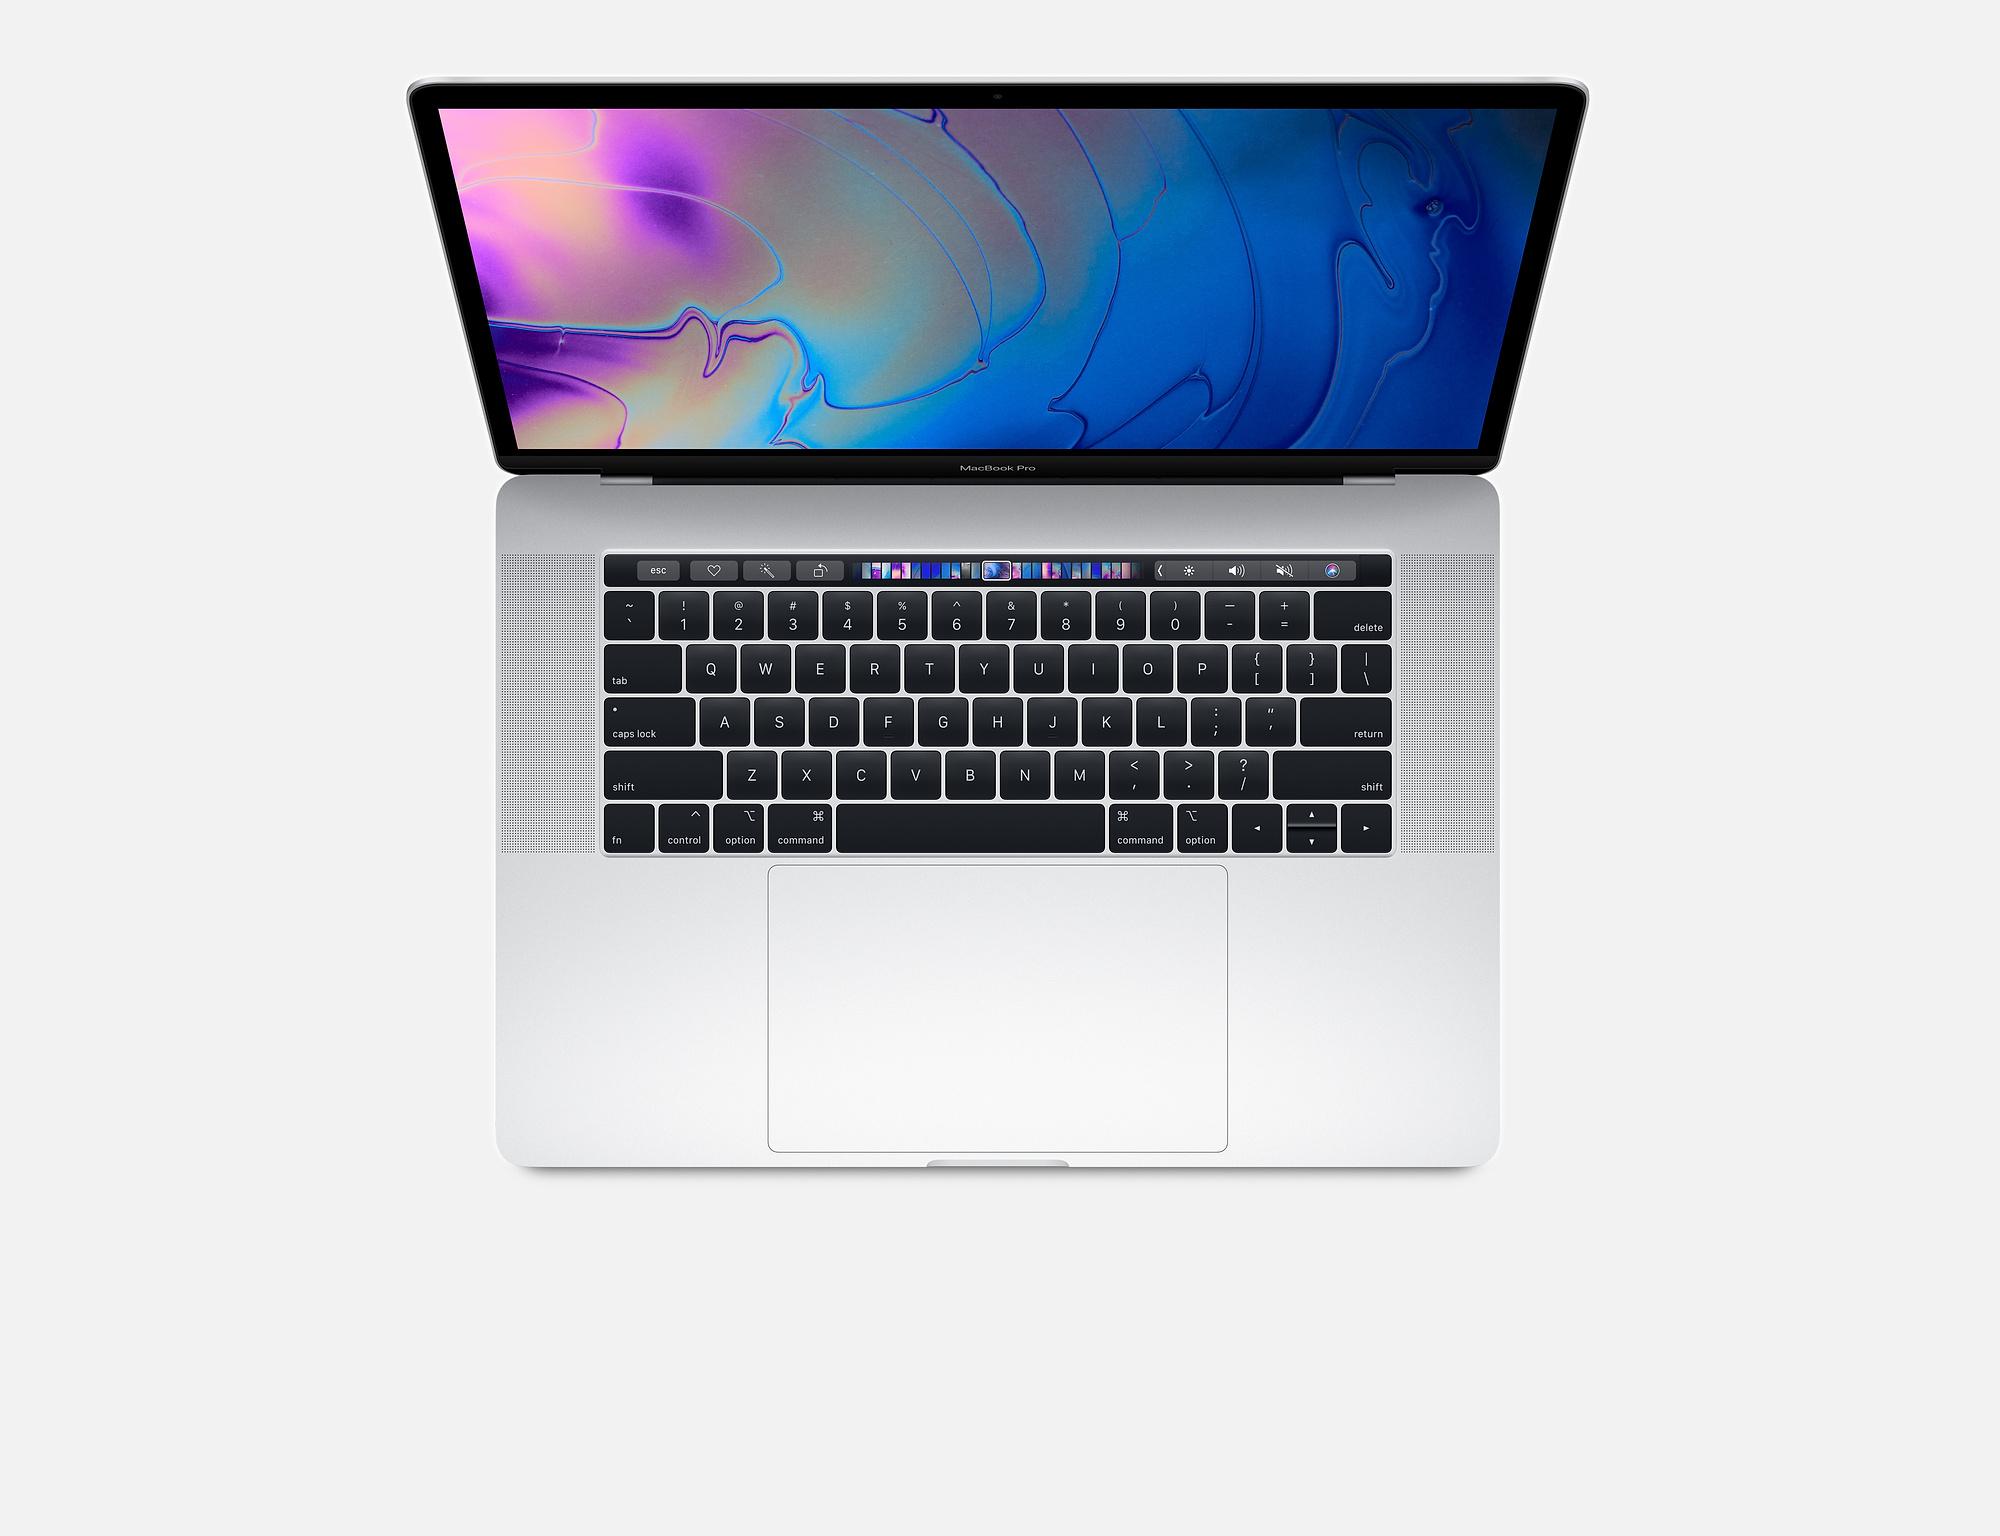 4gb Laptops Netbooks Dell Xps 15 9570 I7 8750h 16gb 512gb 1050ti Win10 Pro 156 4k Bestdeals Apple Macbook 154